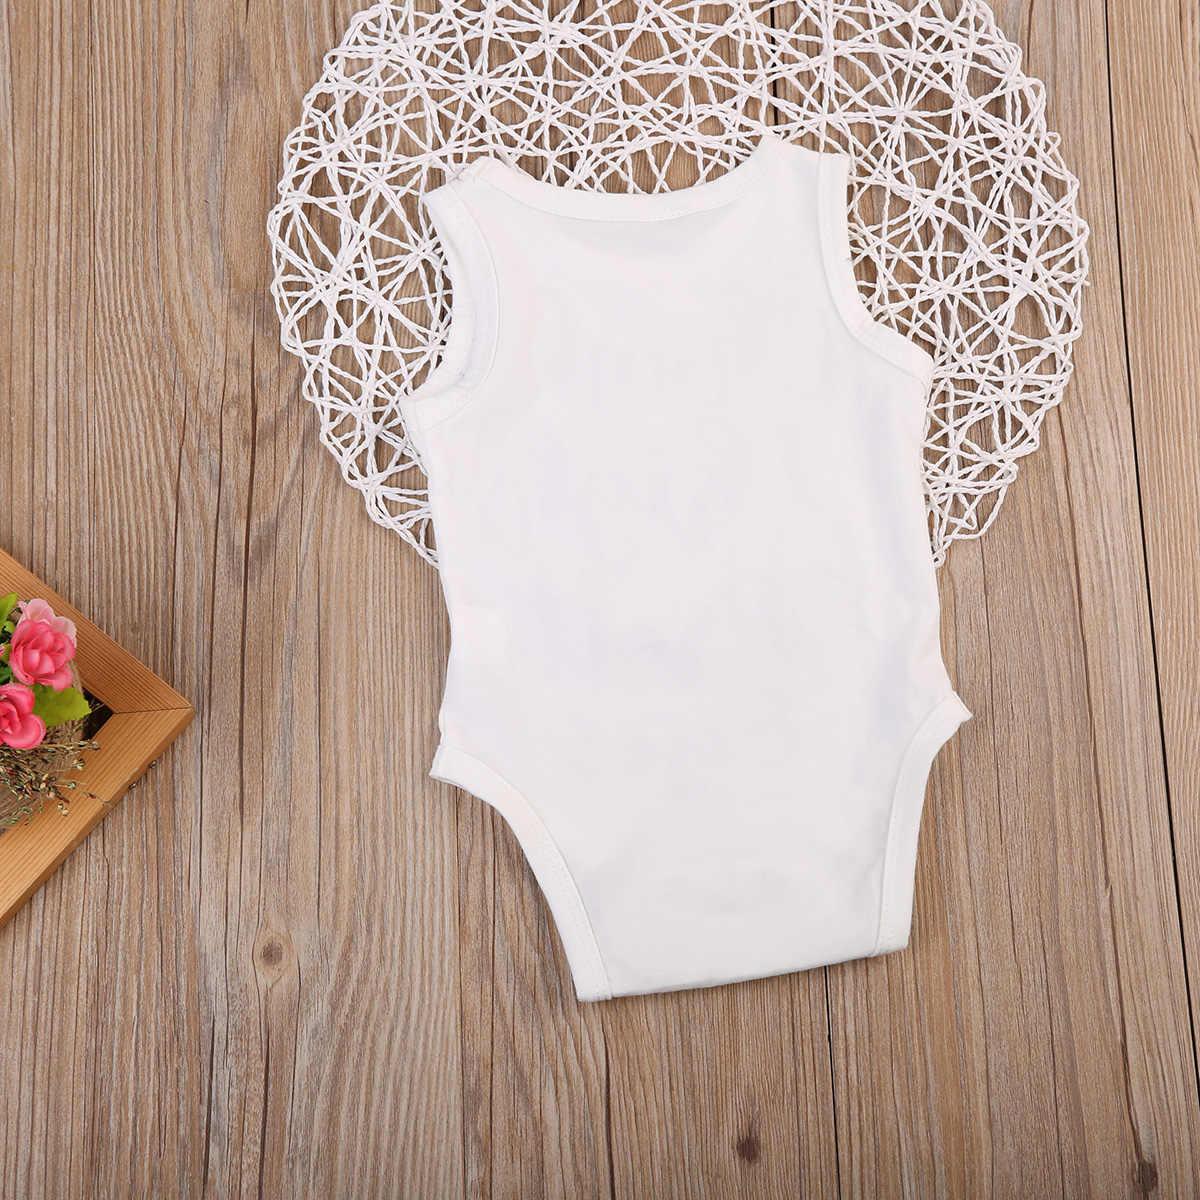 Sơ sinh Bé Trai Bé Gái Cotton Jumpsuit Bodysuit Thư In Đen Trắng Trẻ Mới Biết Đi Trẻ Em Quần Áo Trang Phục